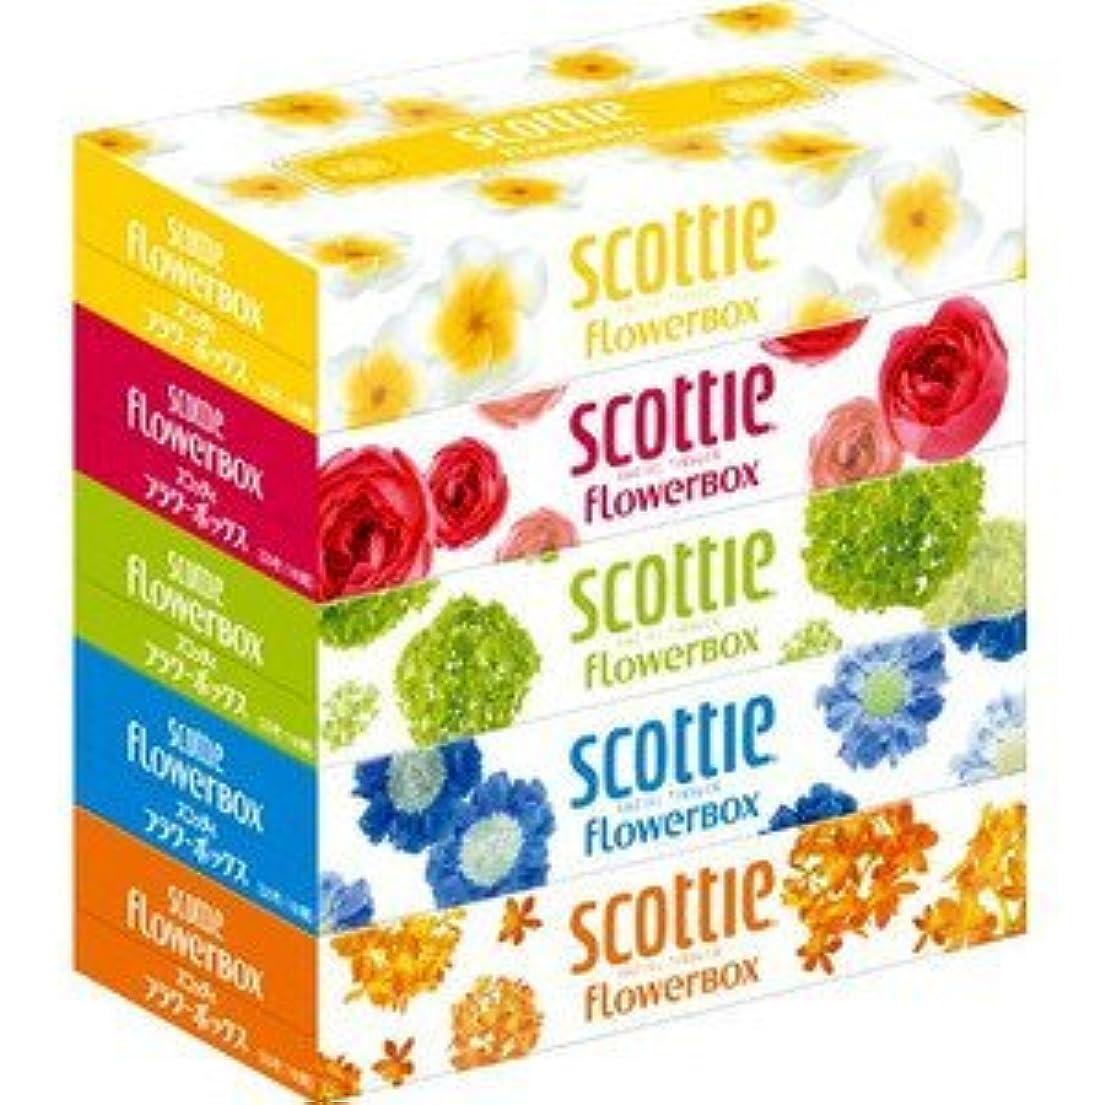 キャッチ歌手ゲートウェイスコッティティシュー フラワーボックス 320枚(160組)5箱パック×5セット